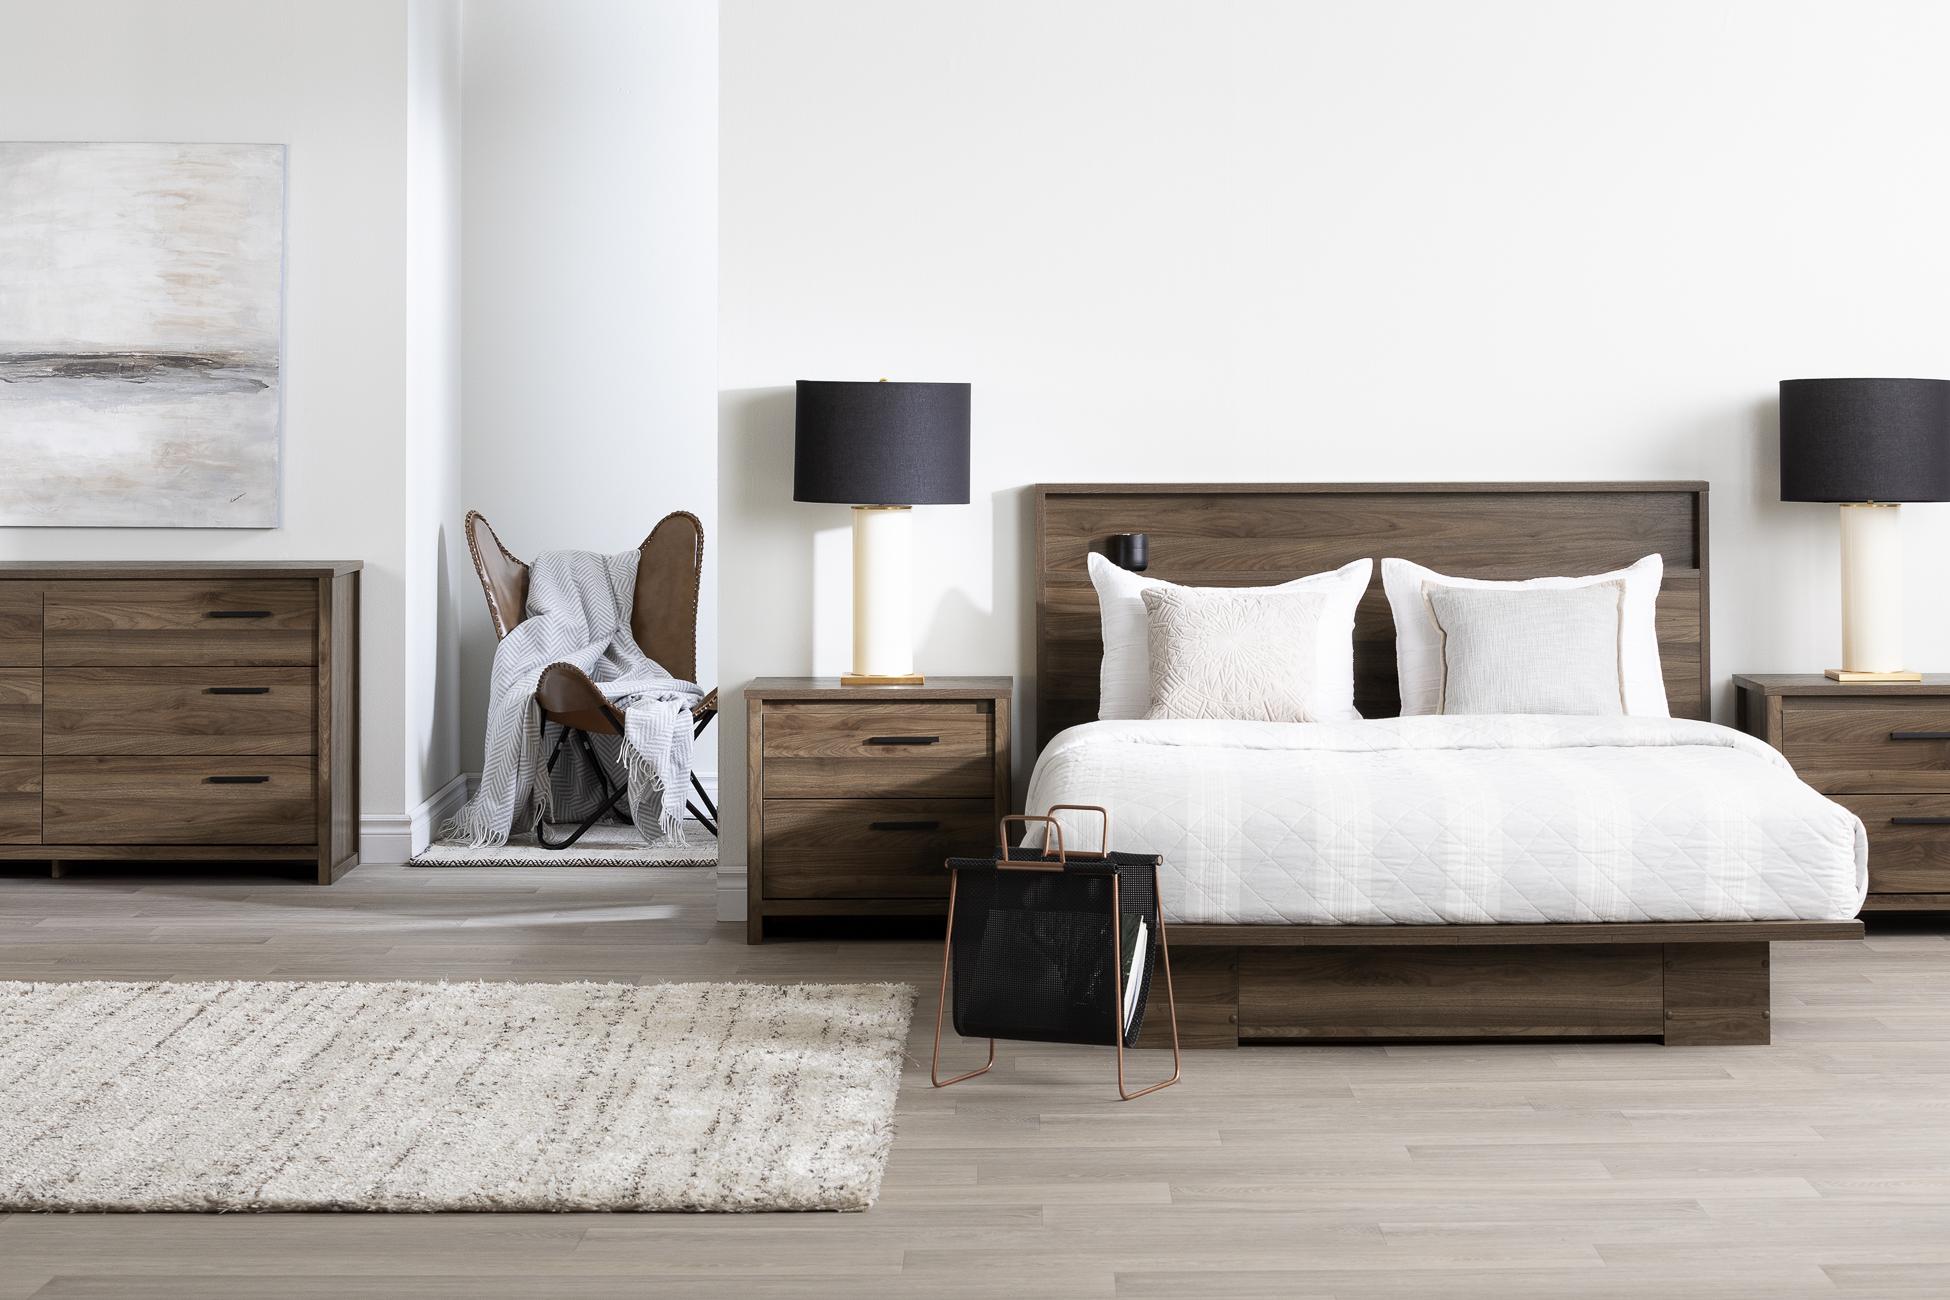 Matelas Au Sol Sommier guide sur les lits: 3 bonnes choses à savoir avant d'acheter